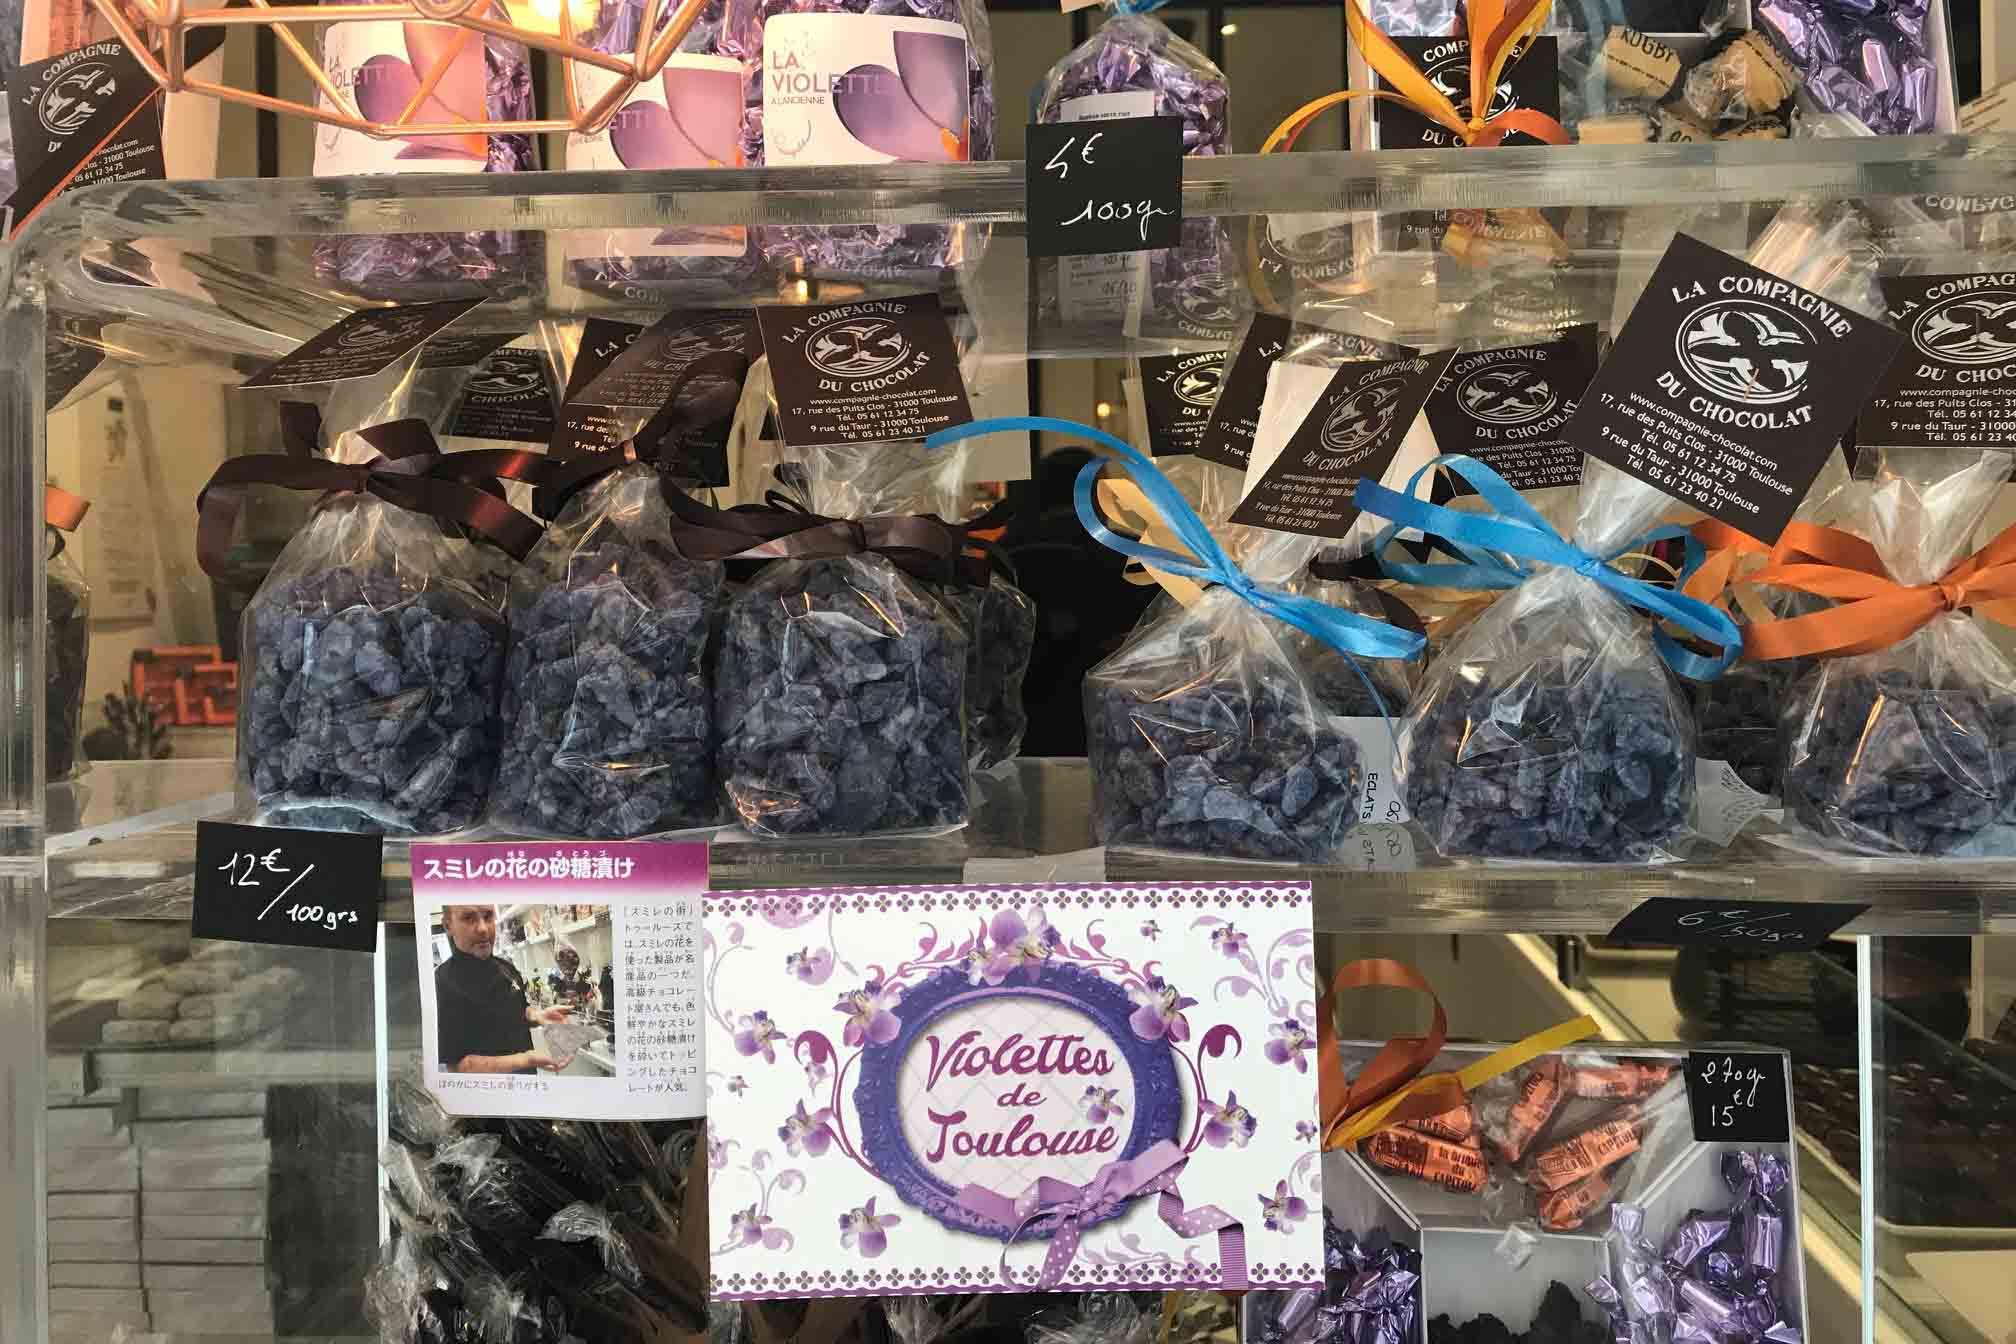 50 cose meravigliose Toulouse violette